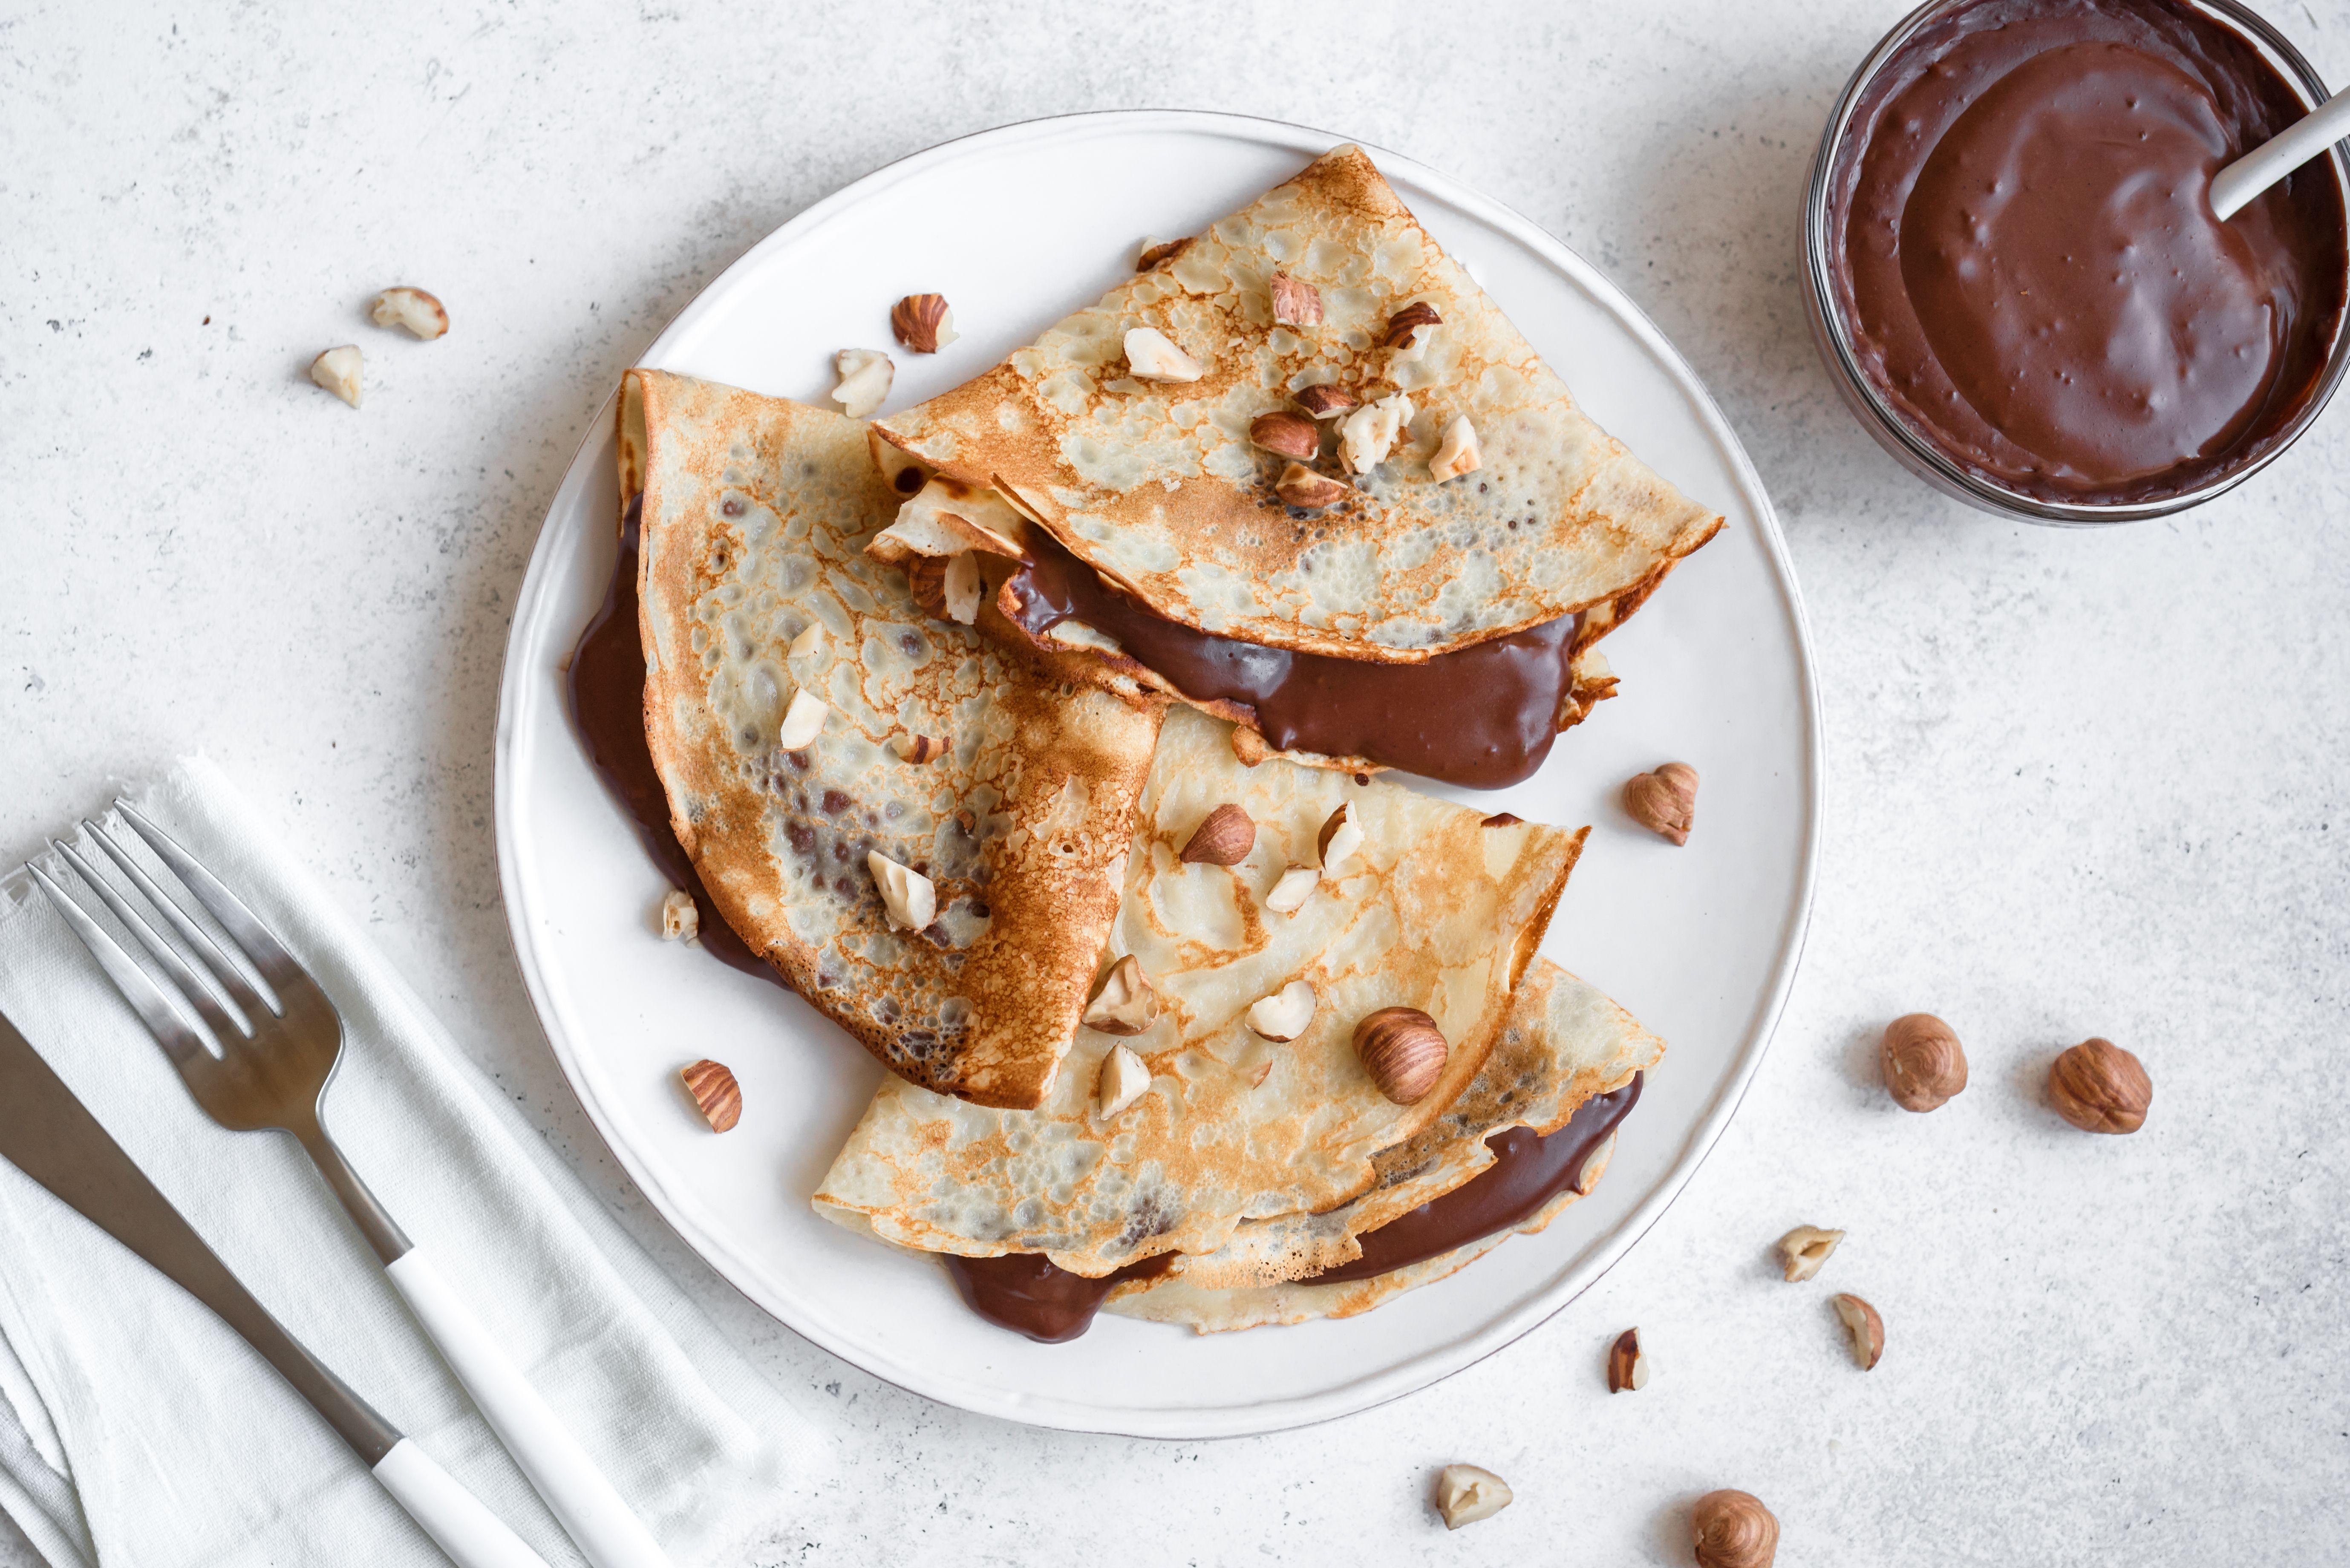 Apfelpfannkuchen wie bei Oma: Klassisches Rezept